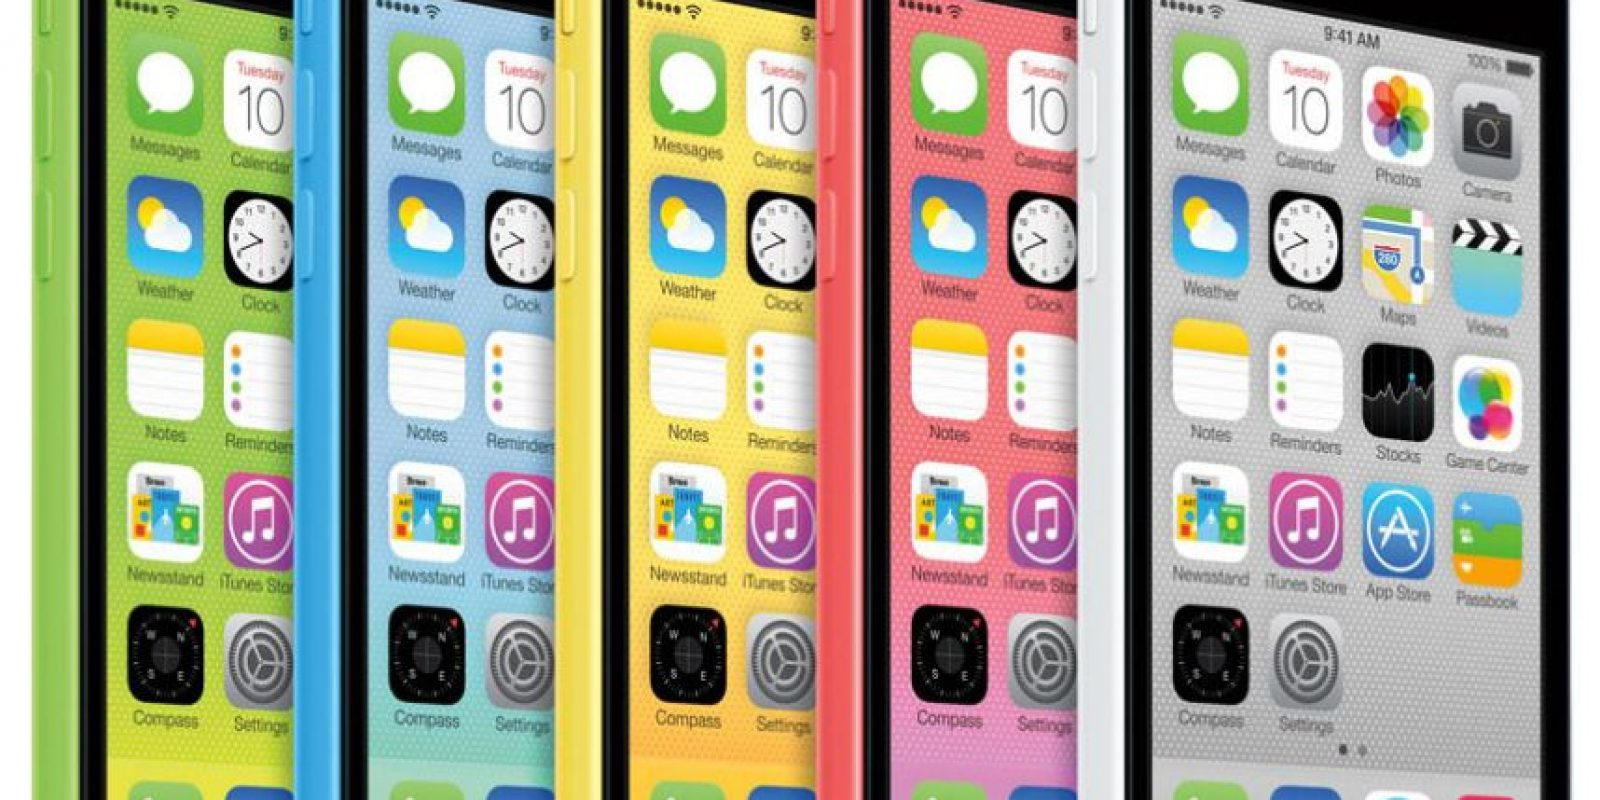 8.- Mejoren la privacidad de su teléfono y vayan a Ajustes y después Localización. En este menú podrán activar o desactivar las apps que envían o registran su ubicación Foto:Apple